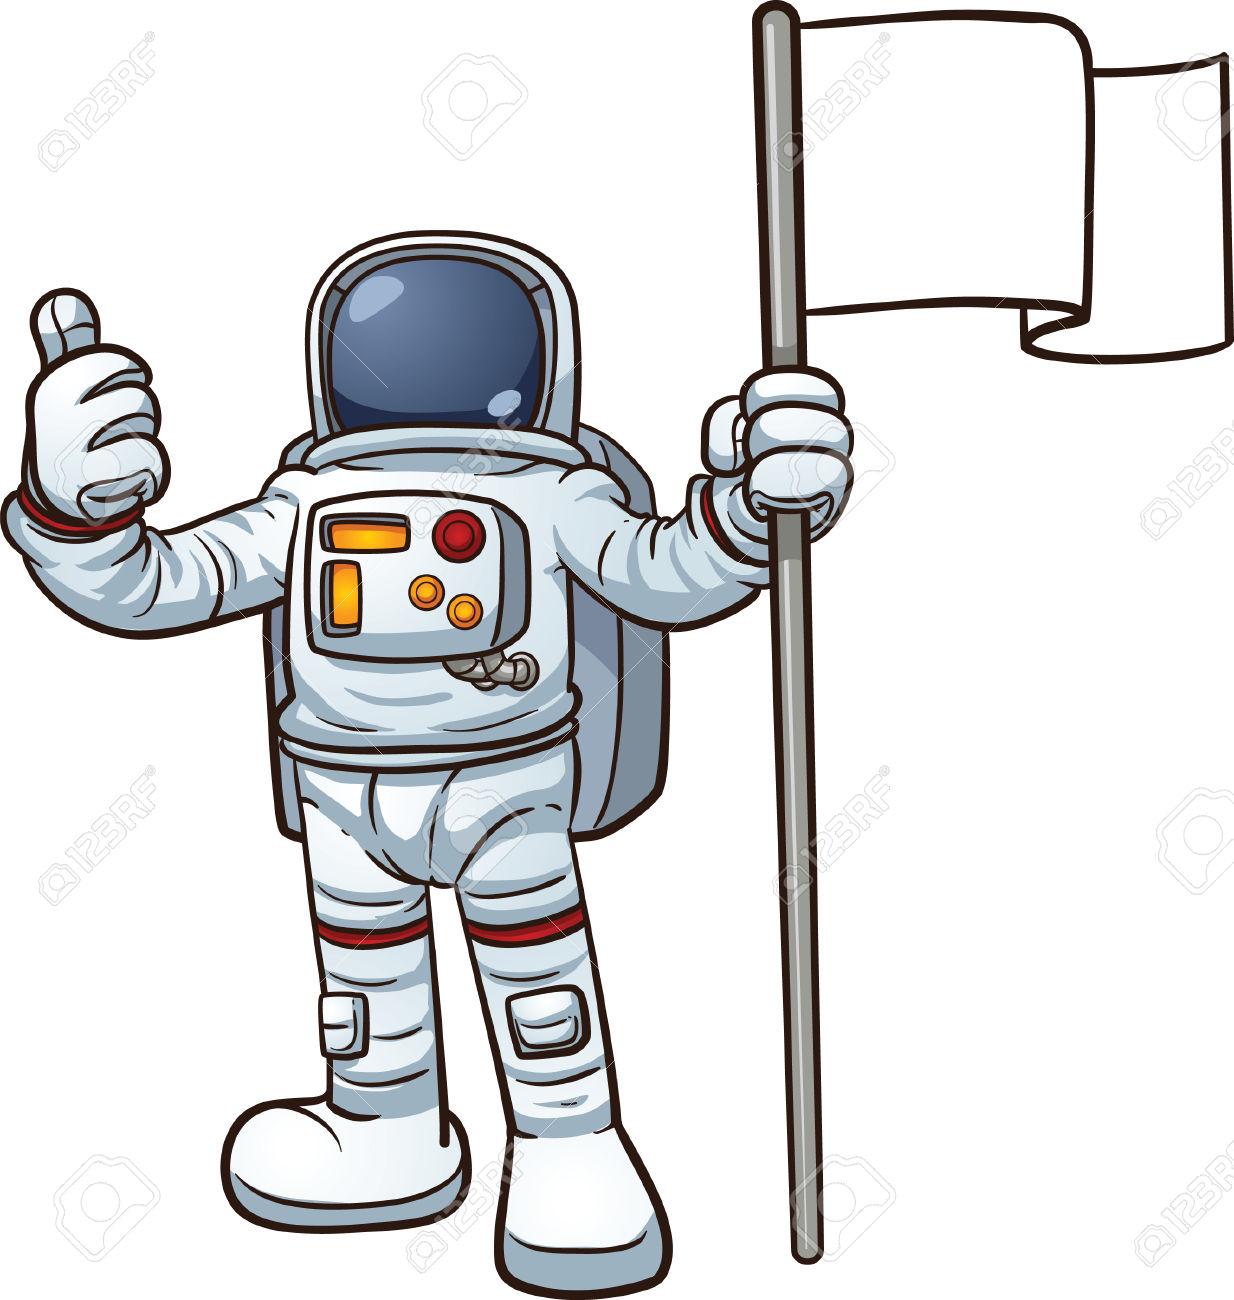 astronaut clipart flag.